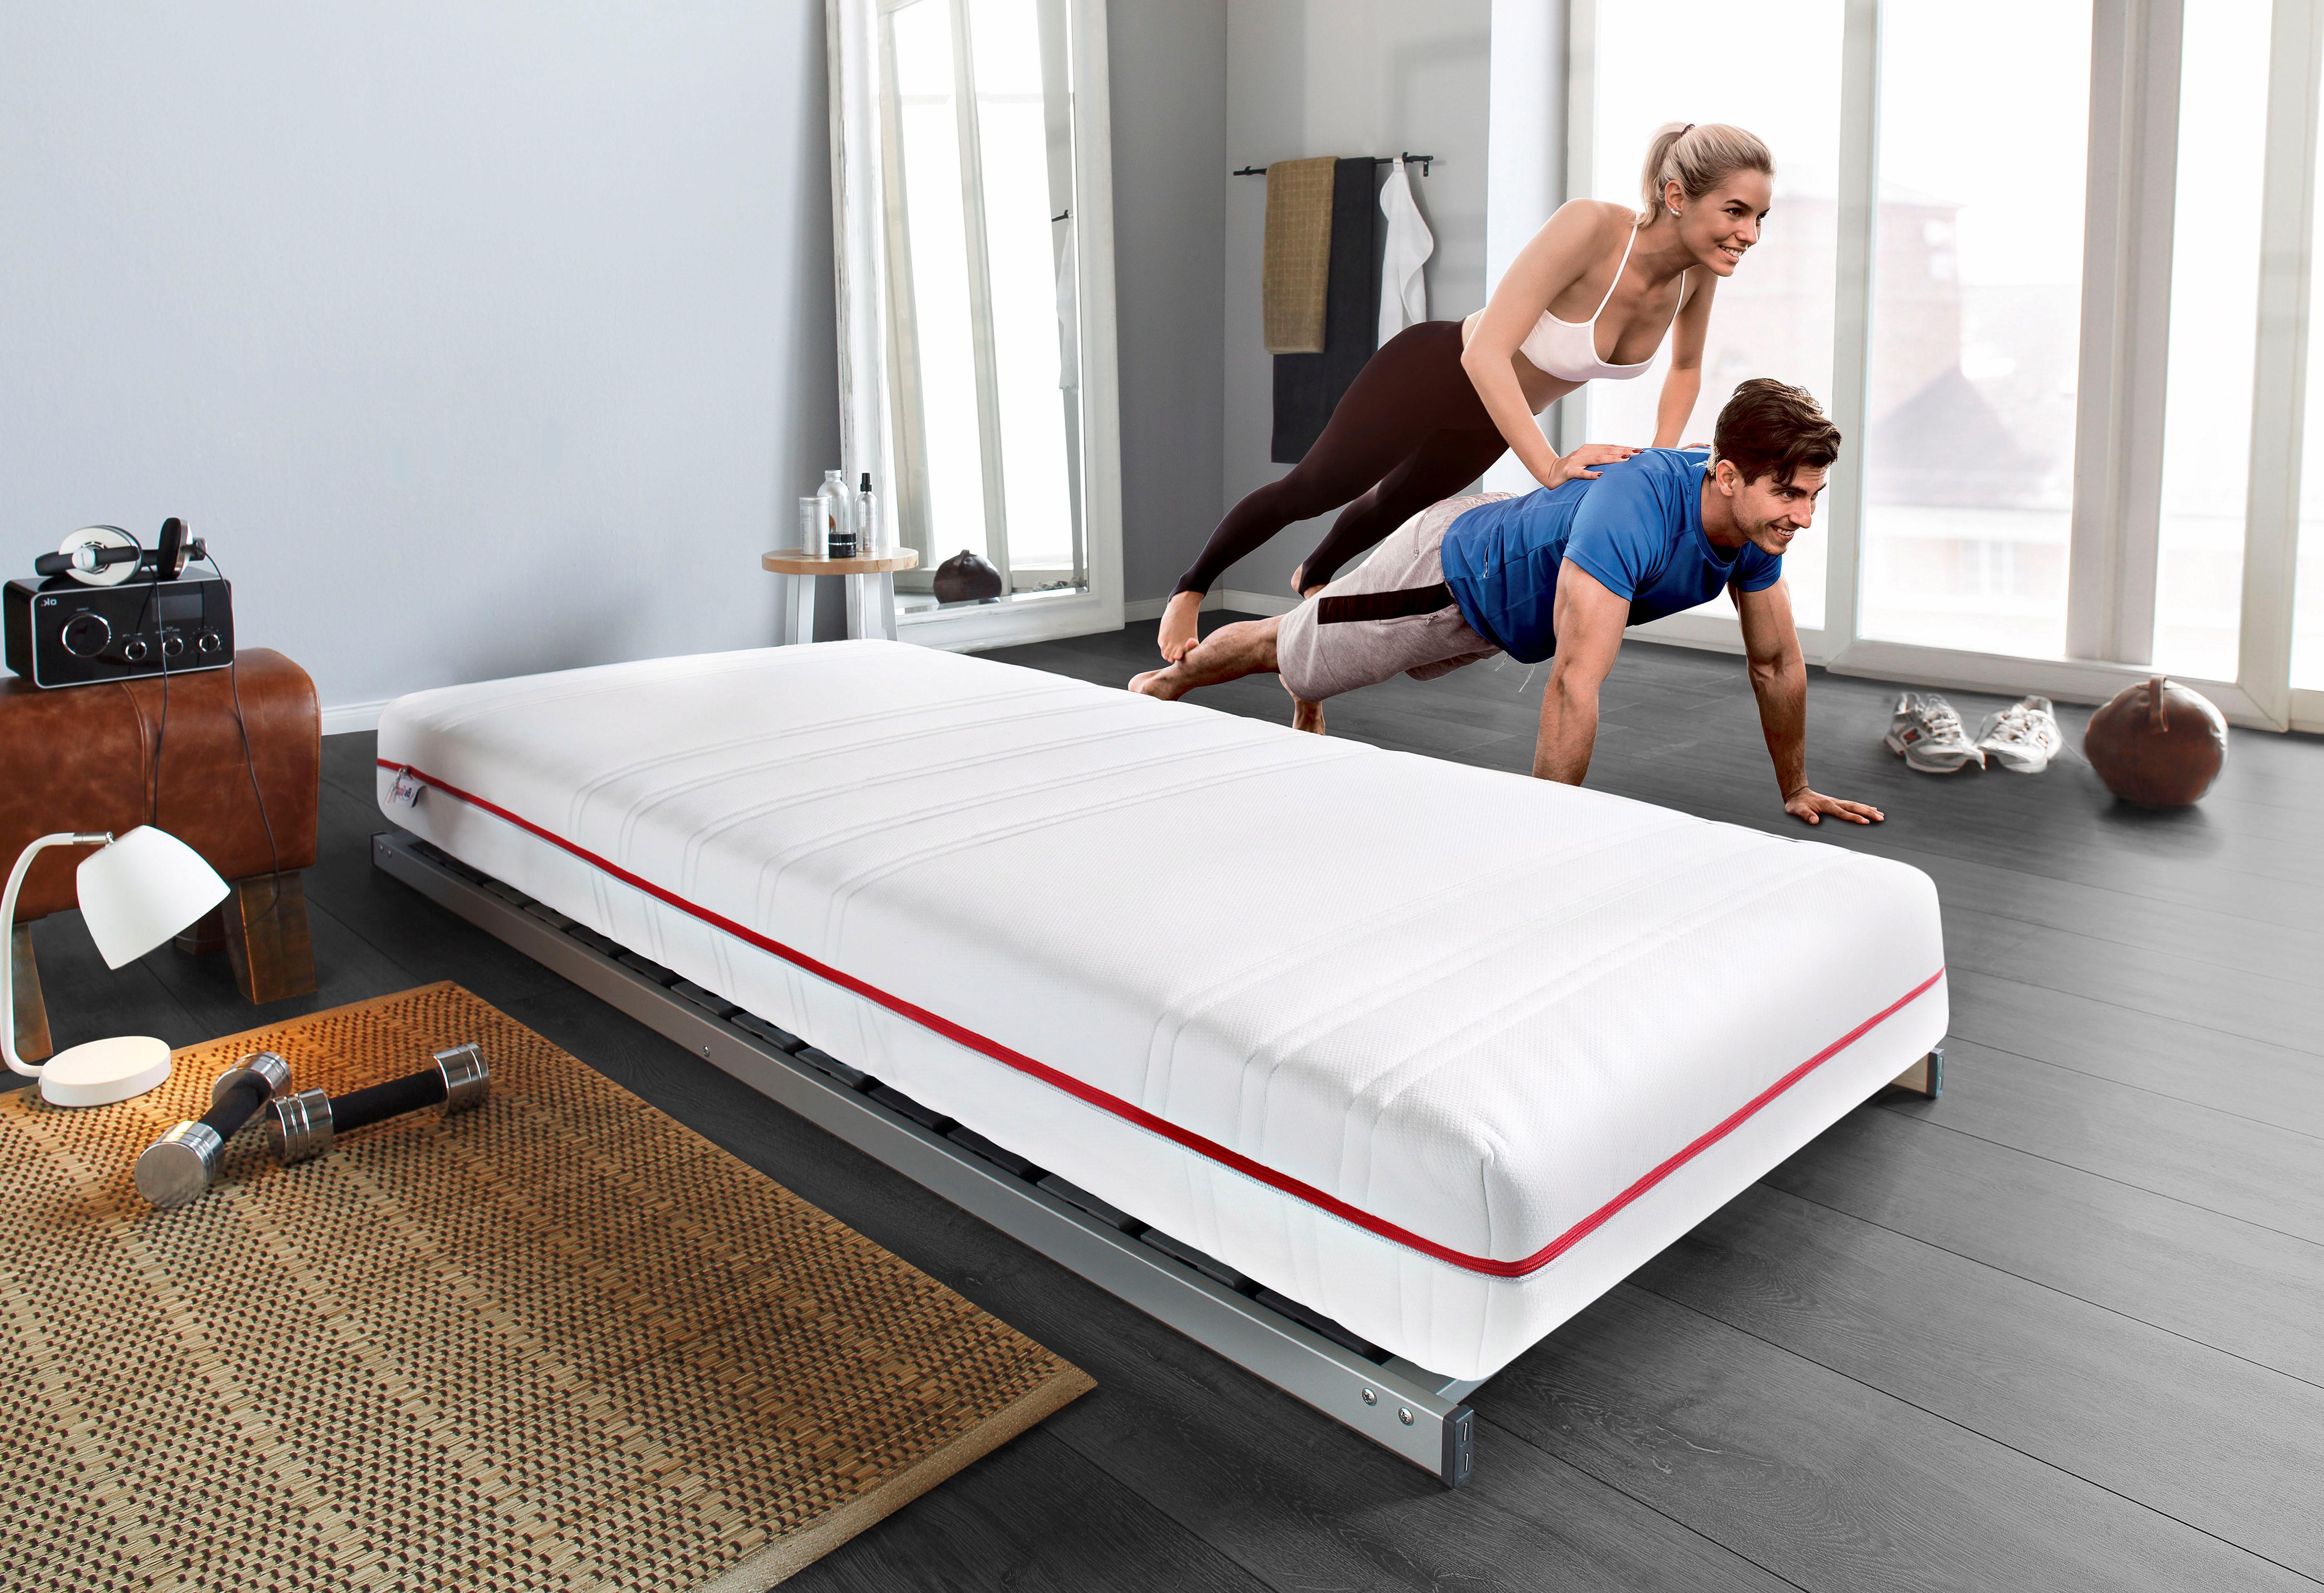 Komfortschaummatratze HKS 2100 BeSports 21 cm hoch